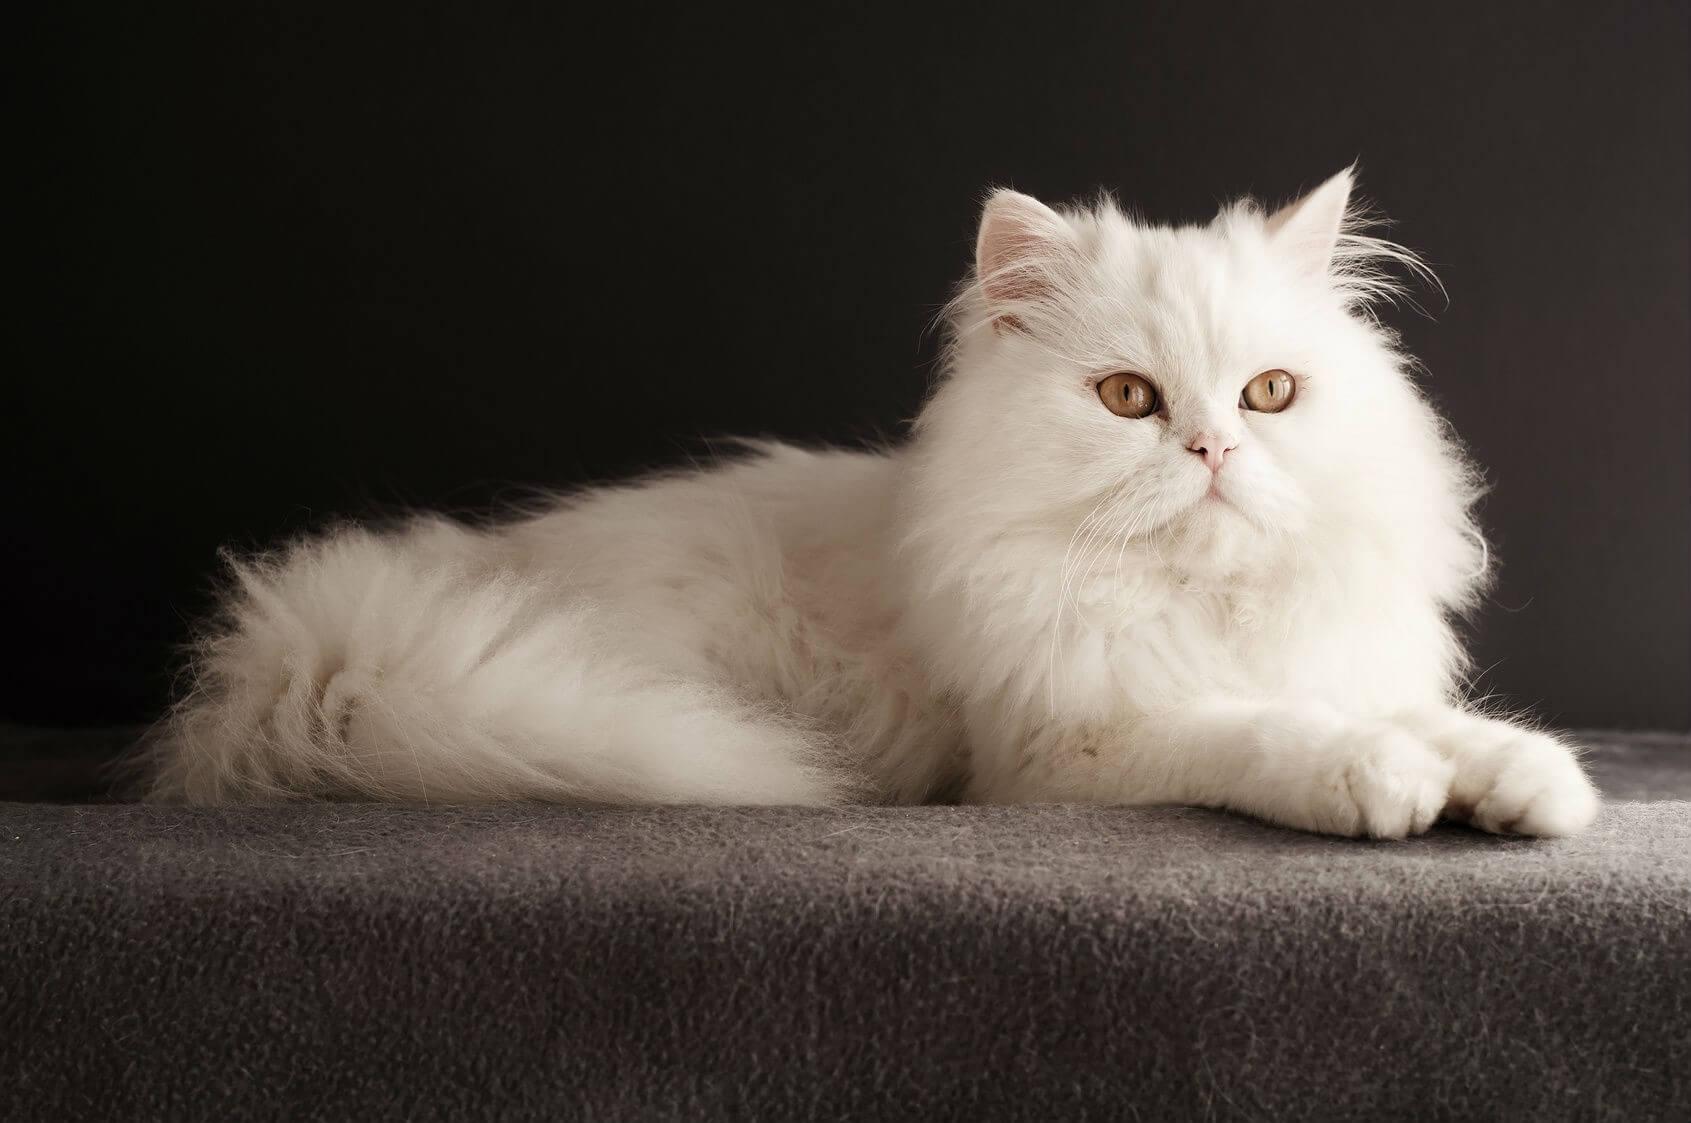 Gambar Kucing Persia Medium godean.web.id